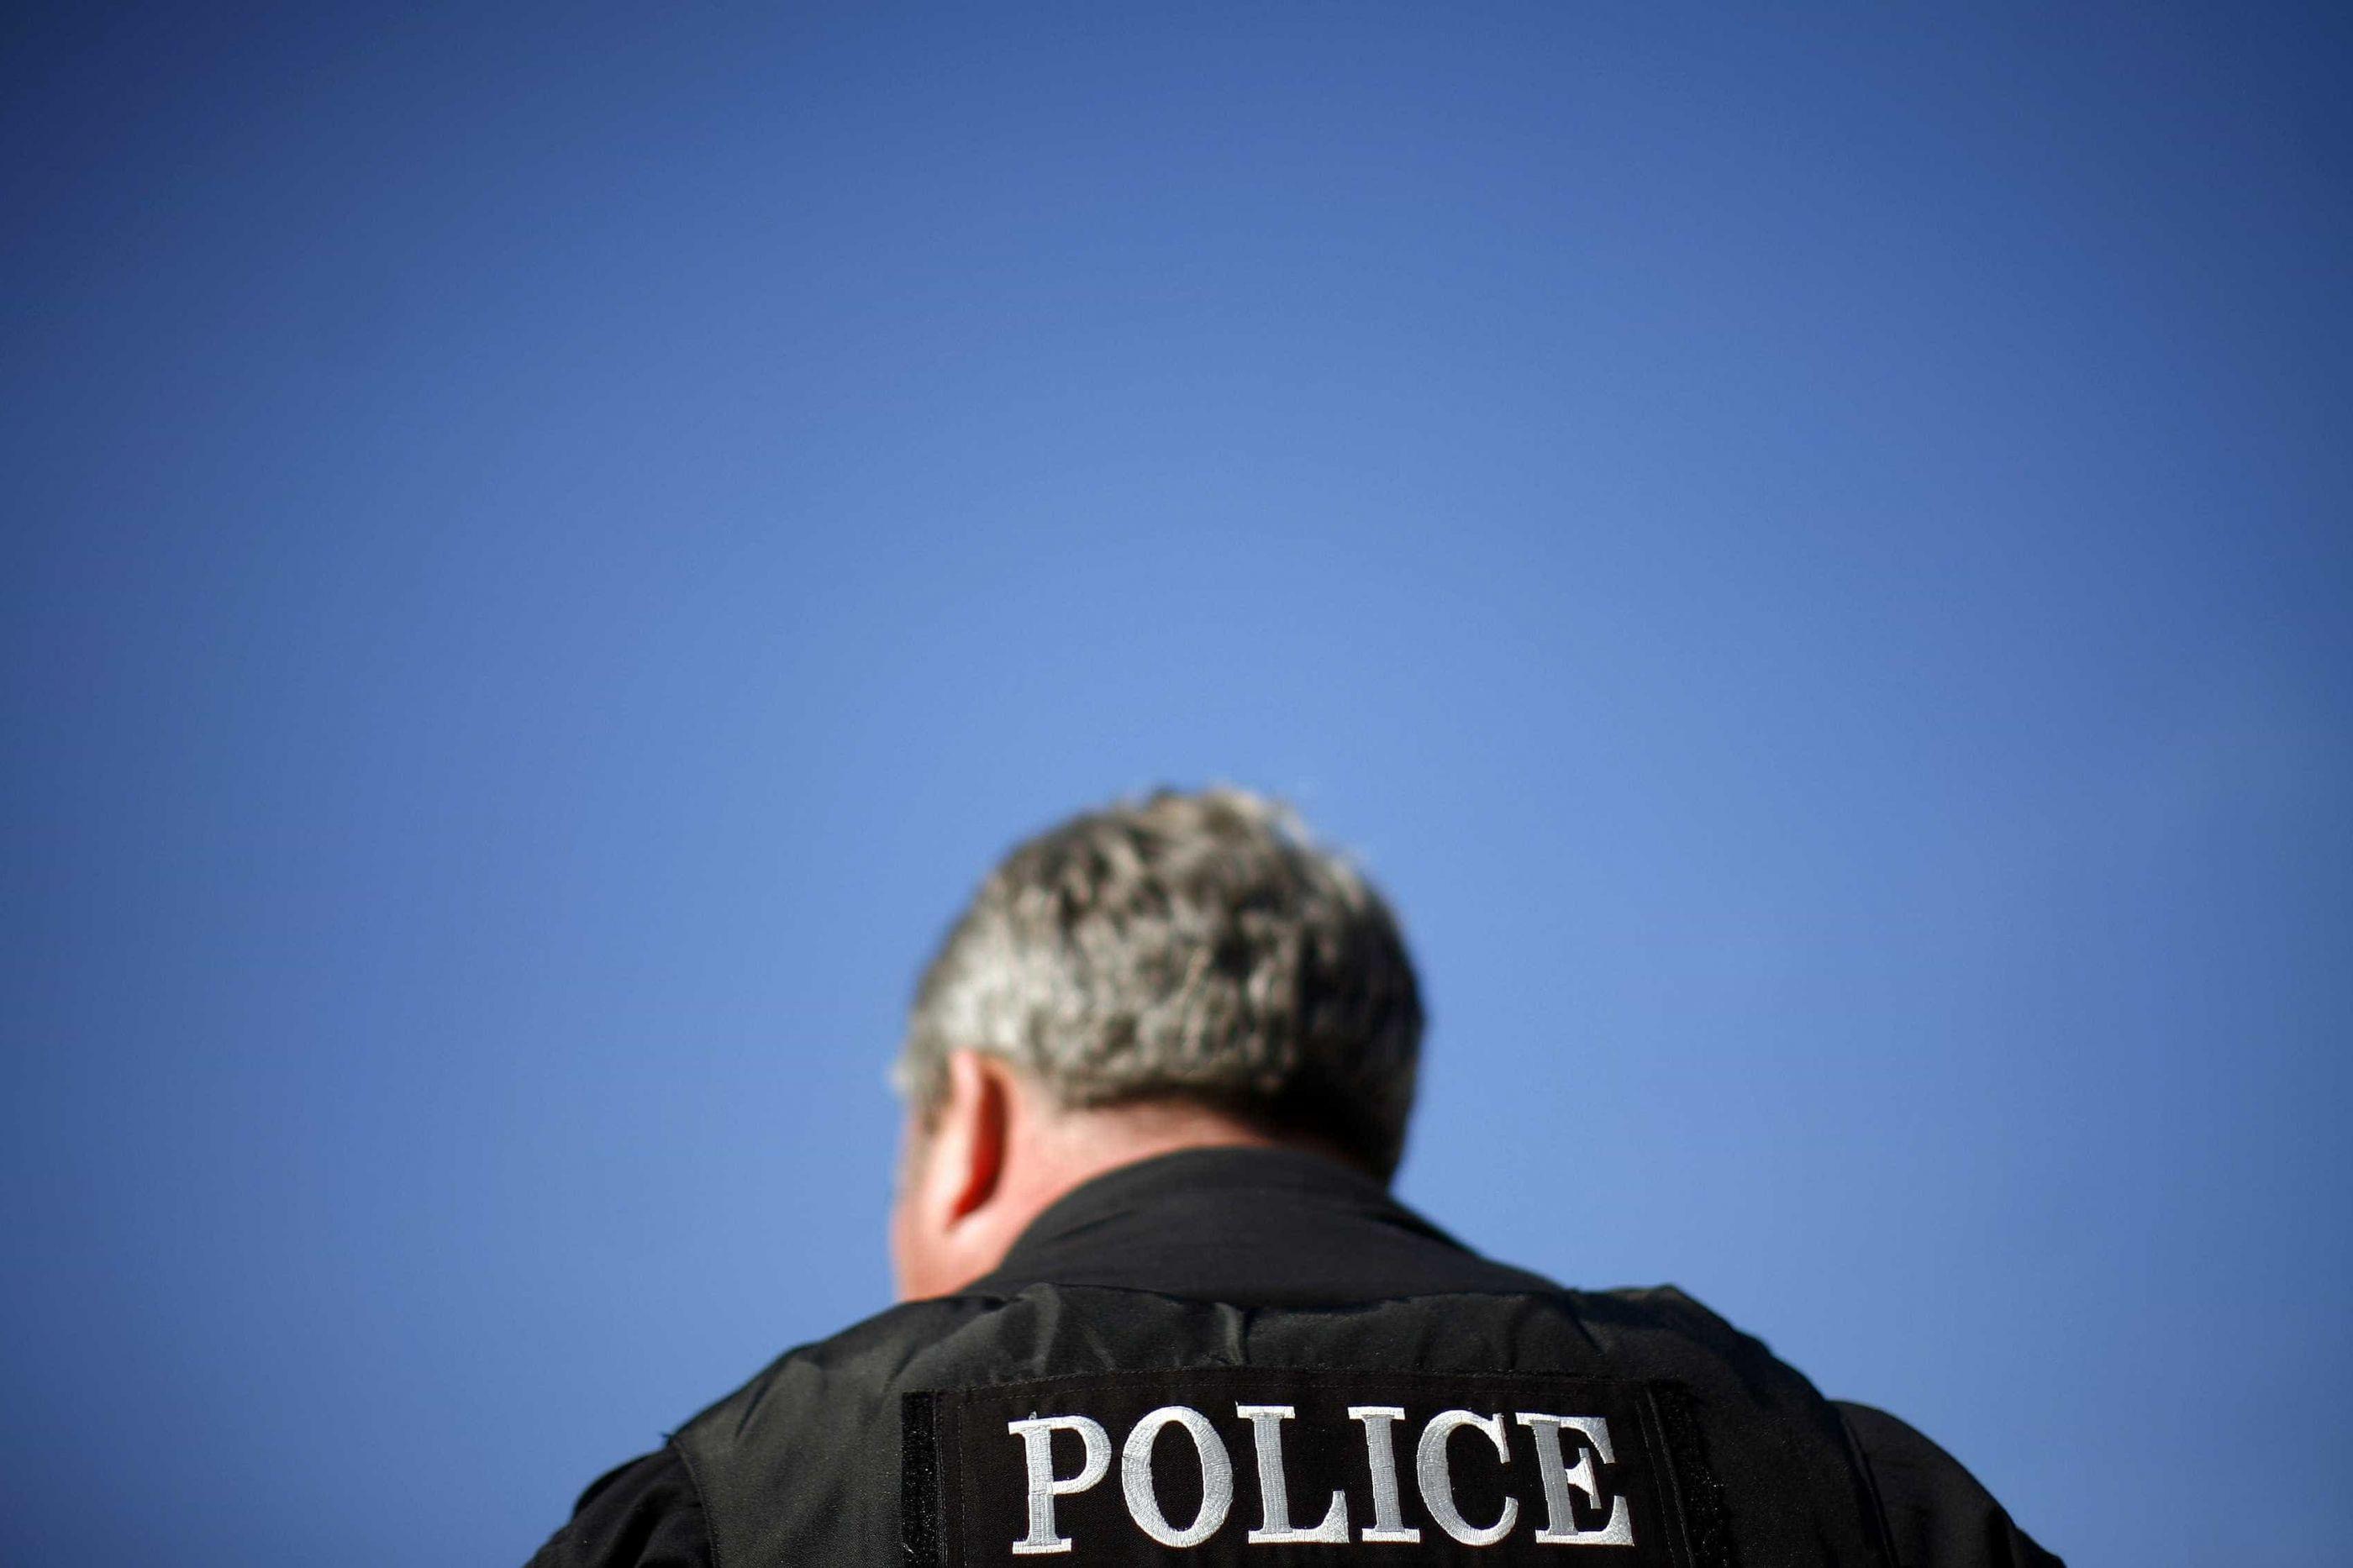 Jovem morre em perseguição policial após agredir a mãe